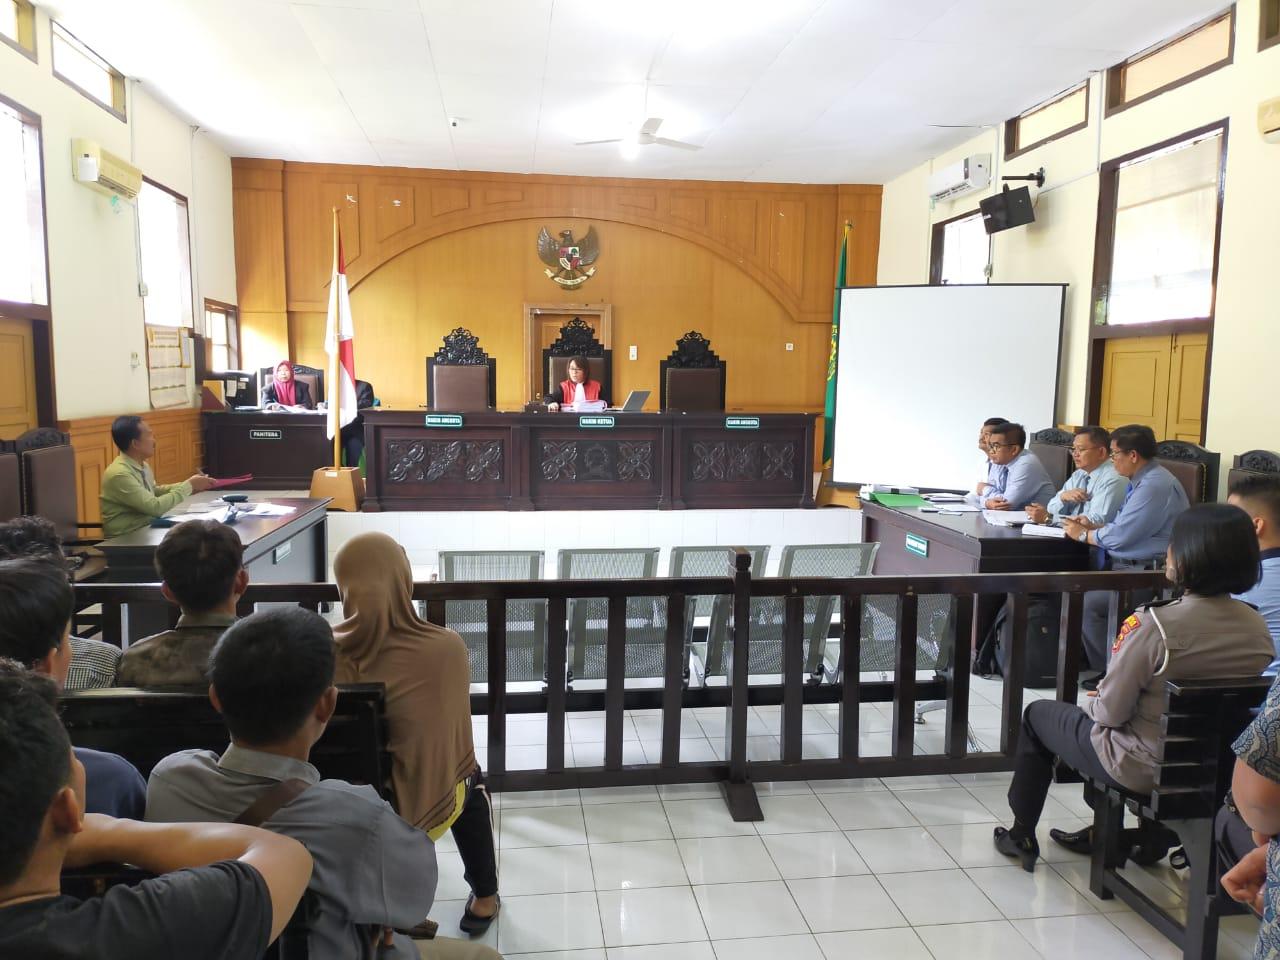 Rangkaian persidangan di pengadilan negeri Muara bulian. Foto: Rizki/Jambiseru.com